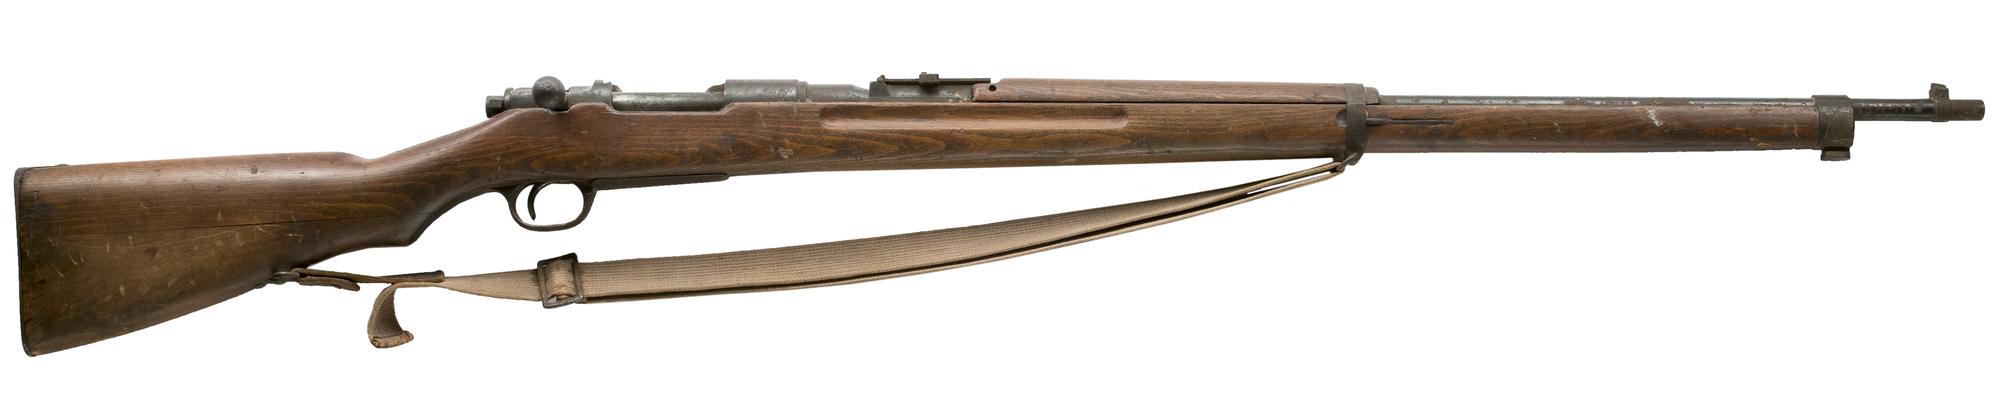 Arvo Pollari säilytti ensimmäisen maailmansodan aikaisen kiväärin.